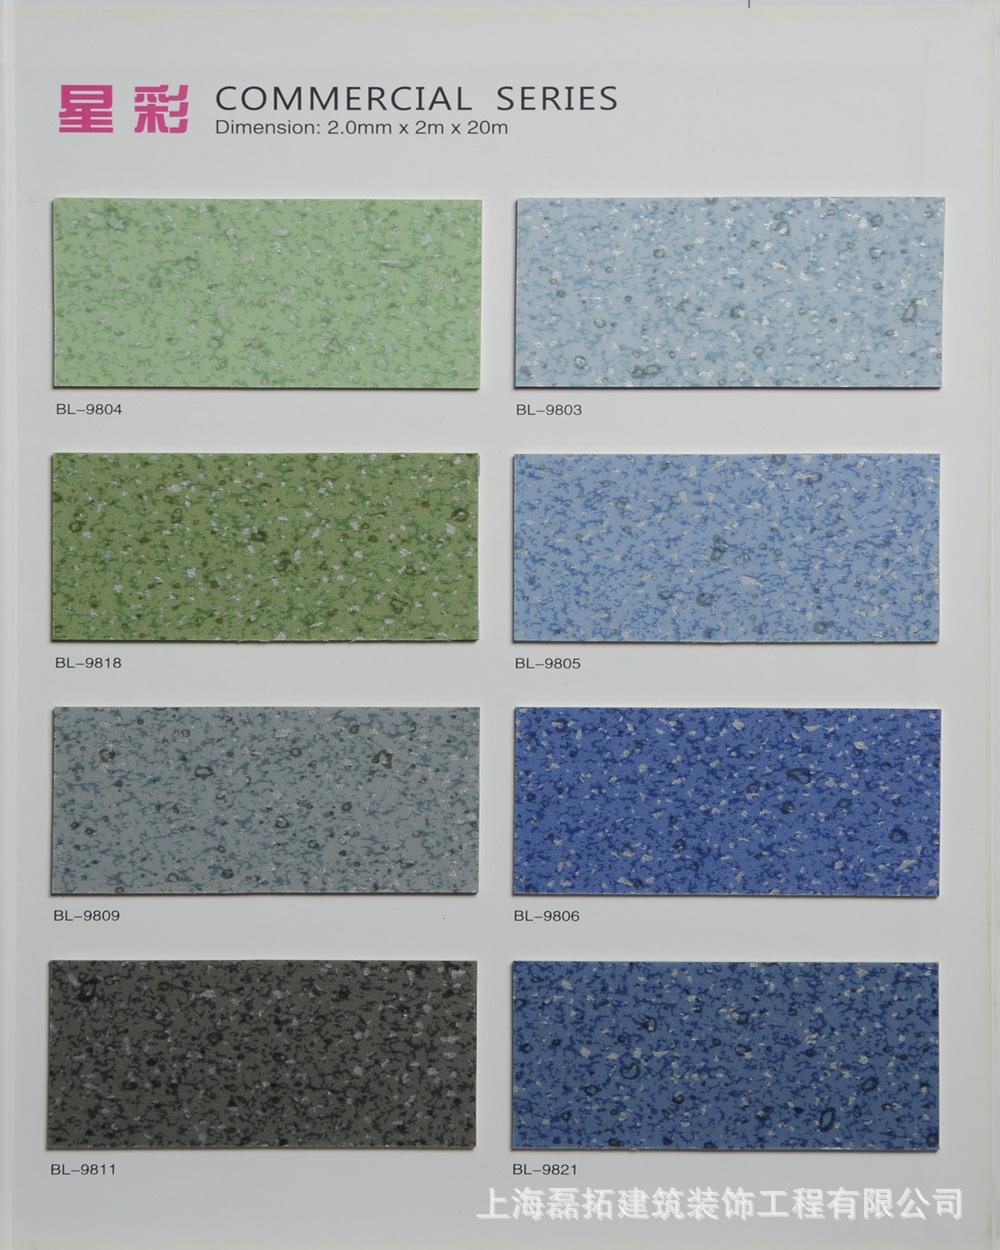 塑胶地板 上海高档星彩系列卷材pvc塑胶地板厂家直销与批发 阿里巴巴